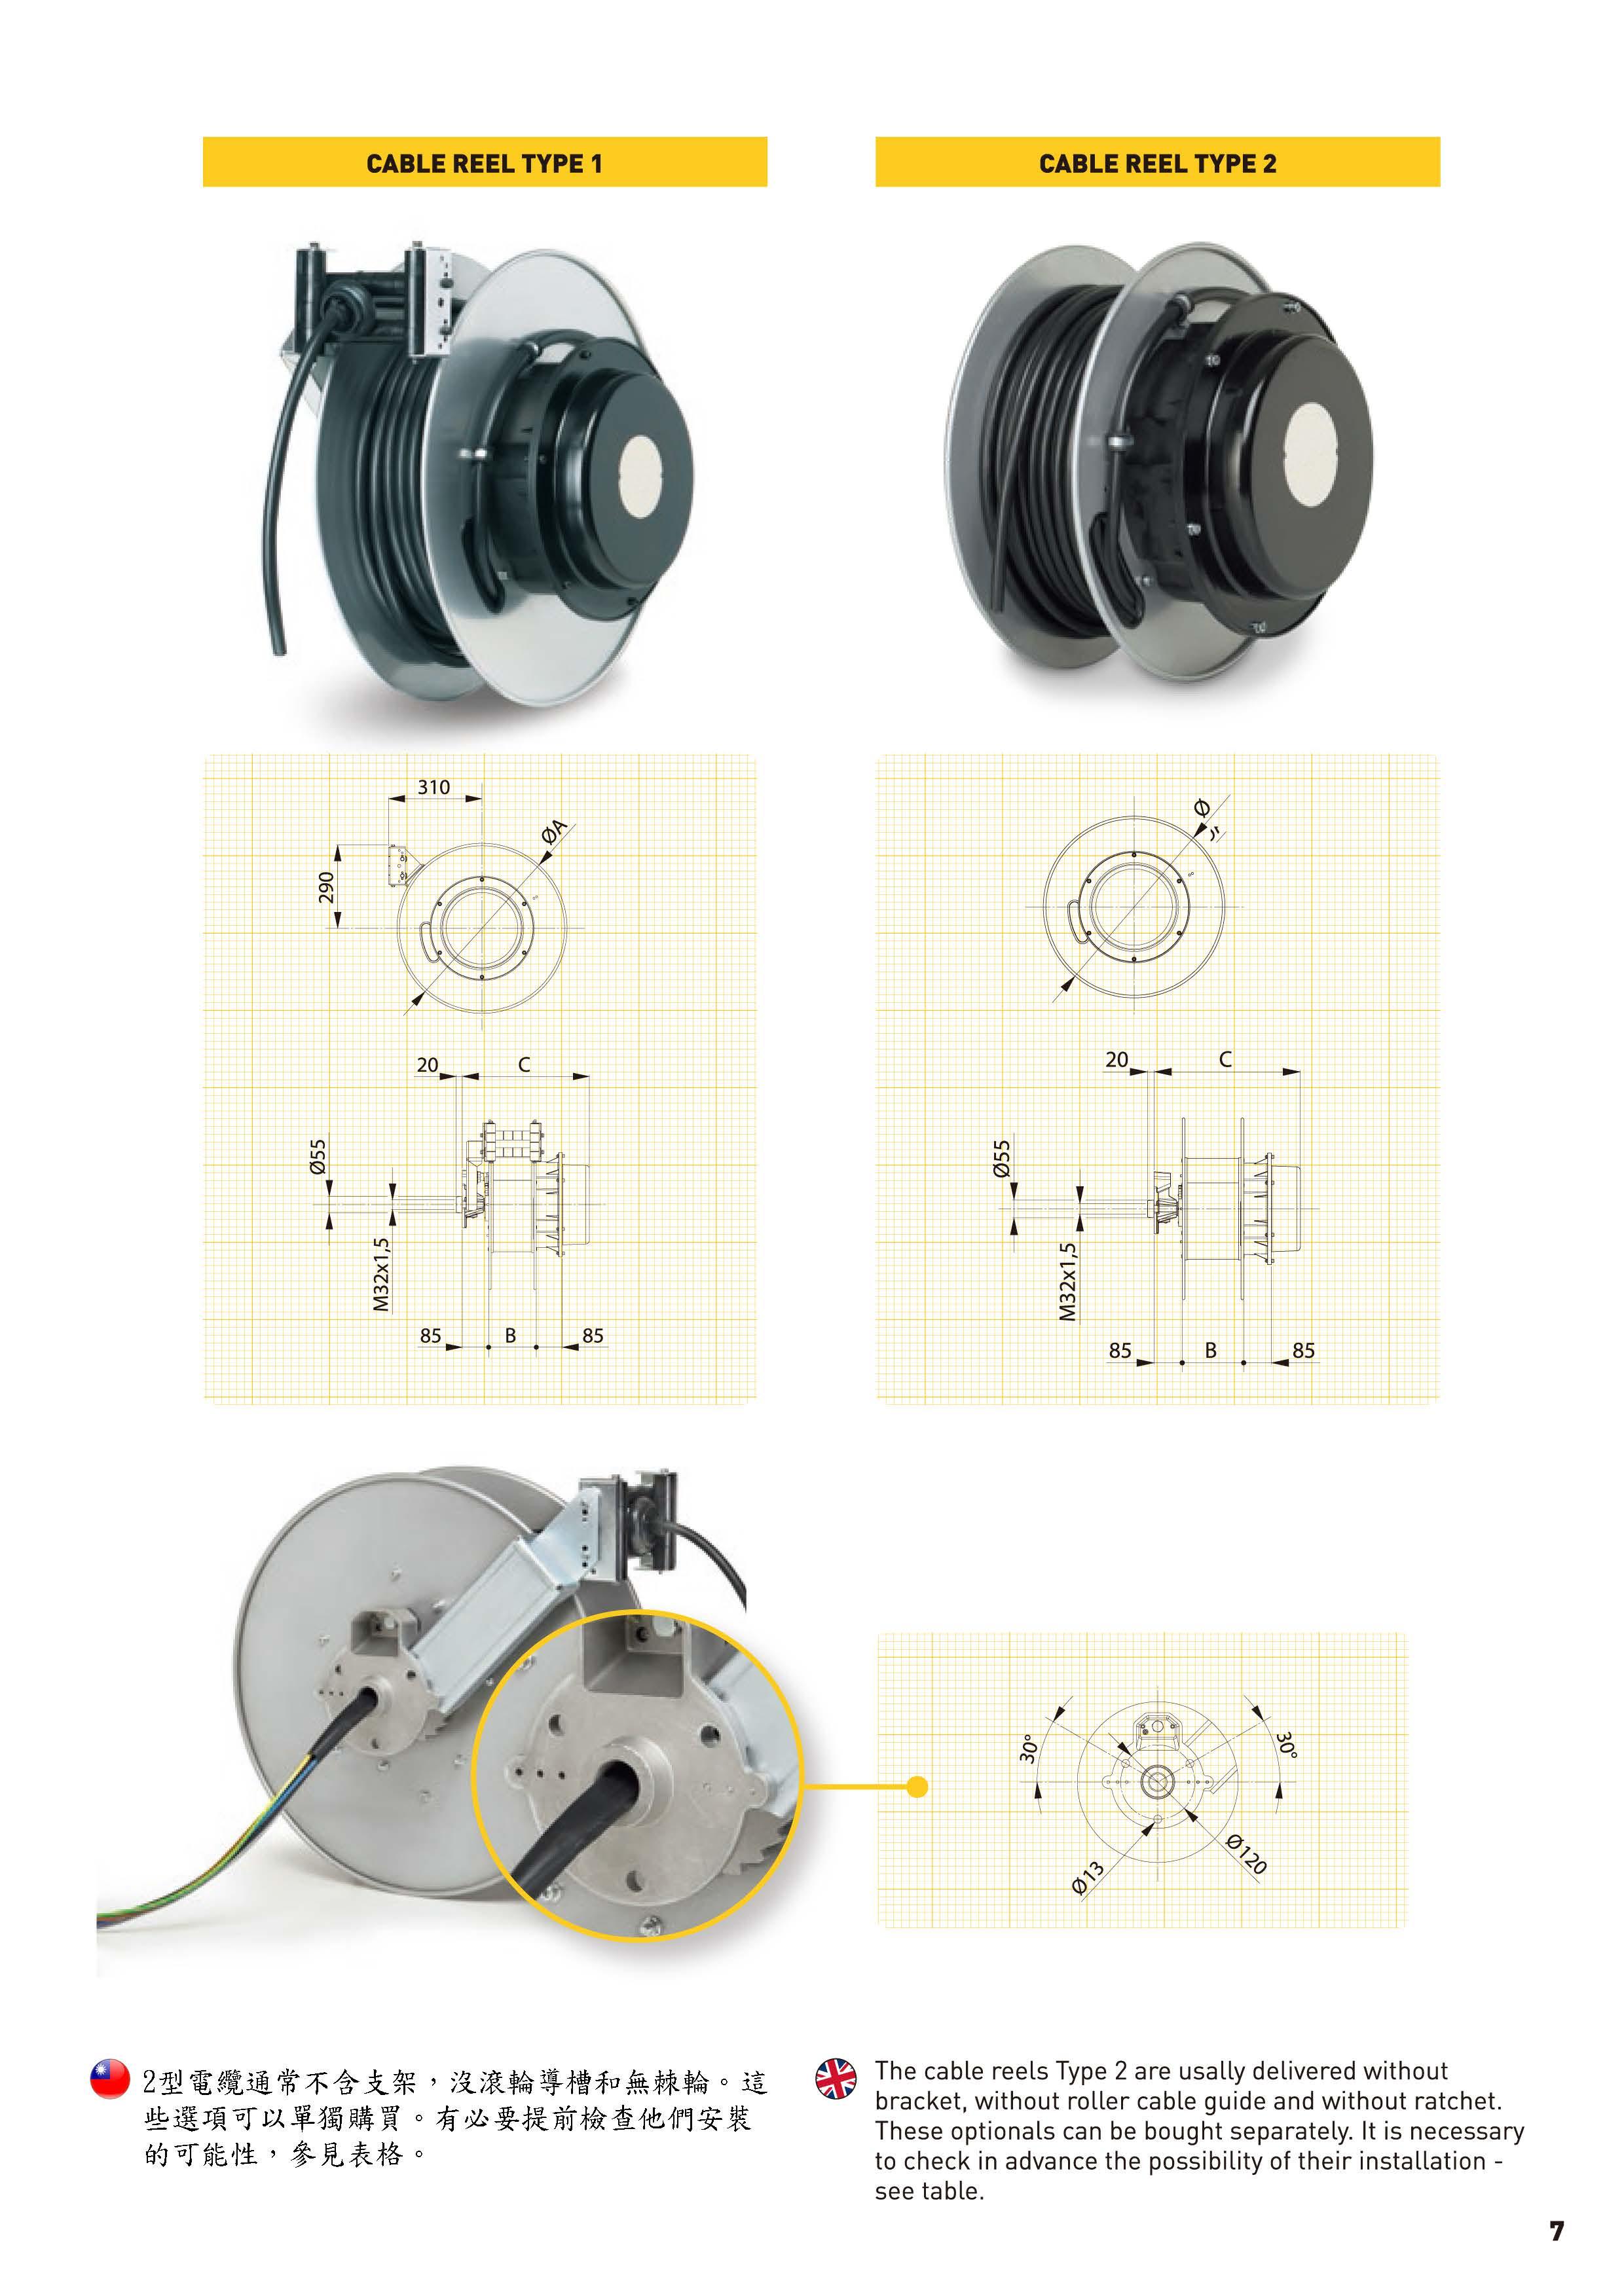 6-8. 1700系列規格  1700 Seire specification